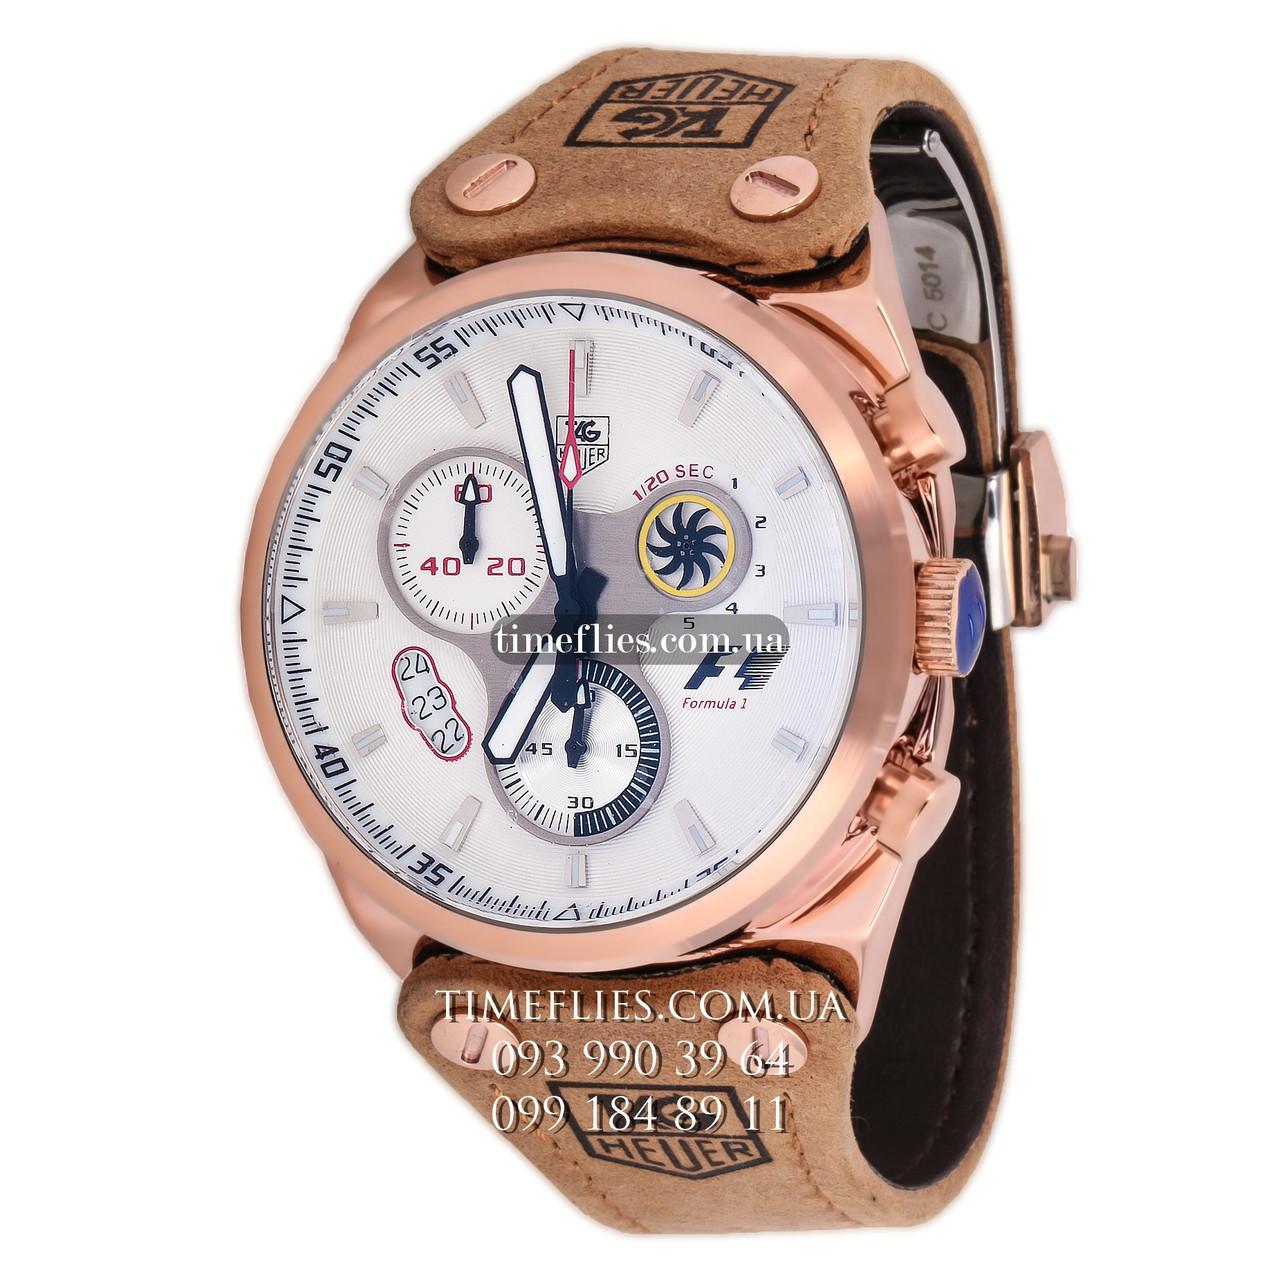 Часы хоер продать таг чита круглосуточно ломбард